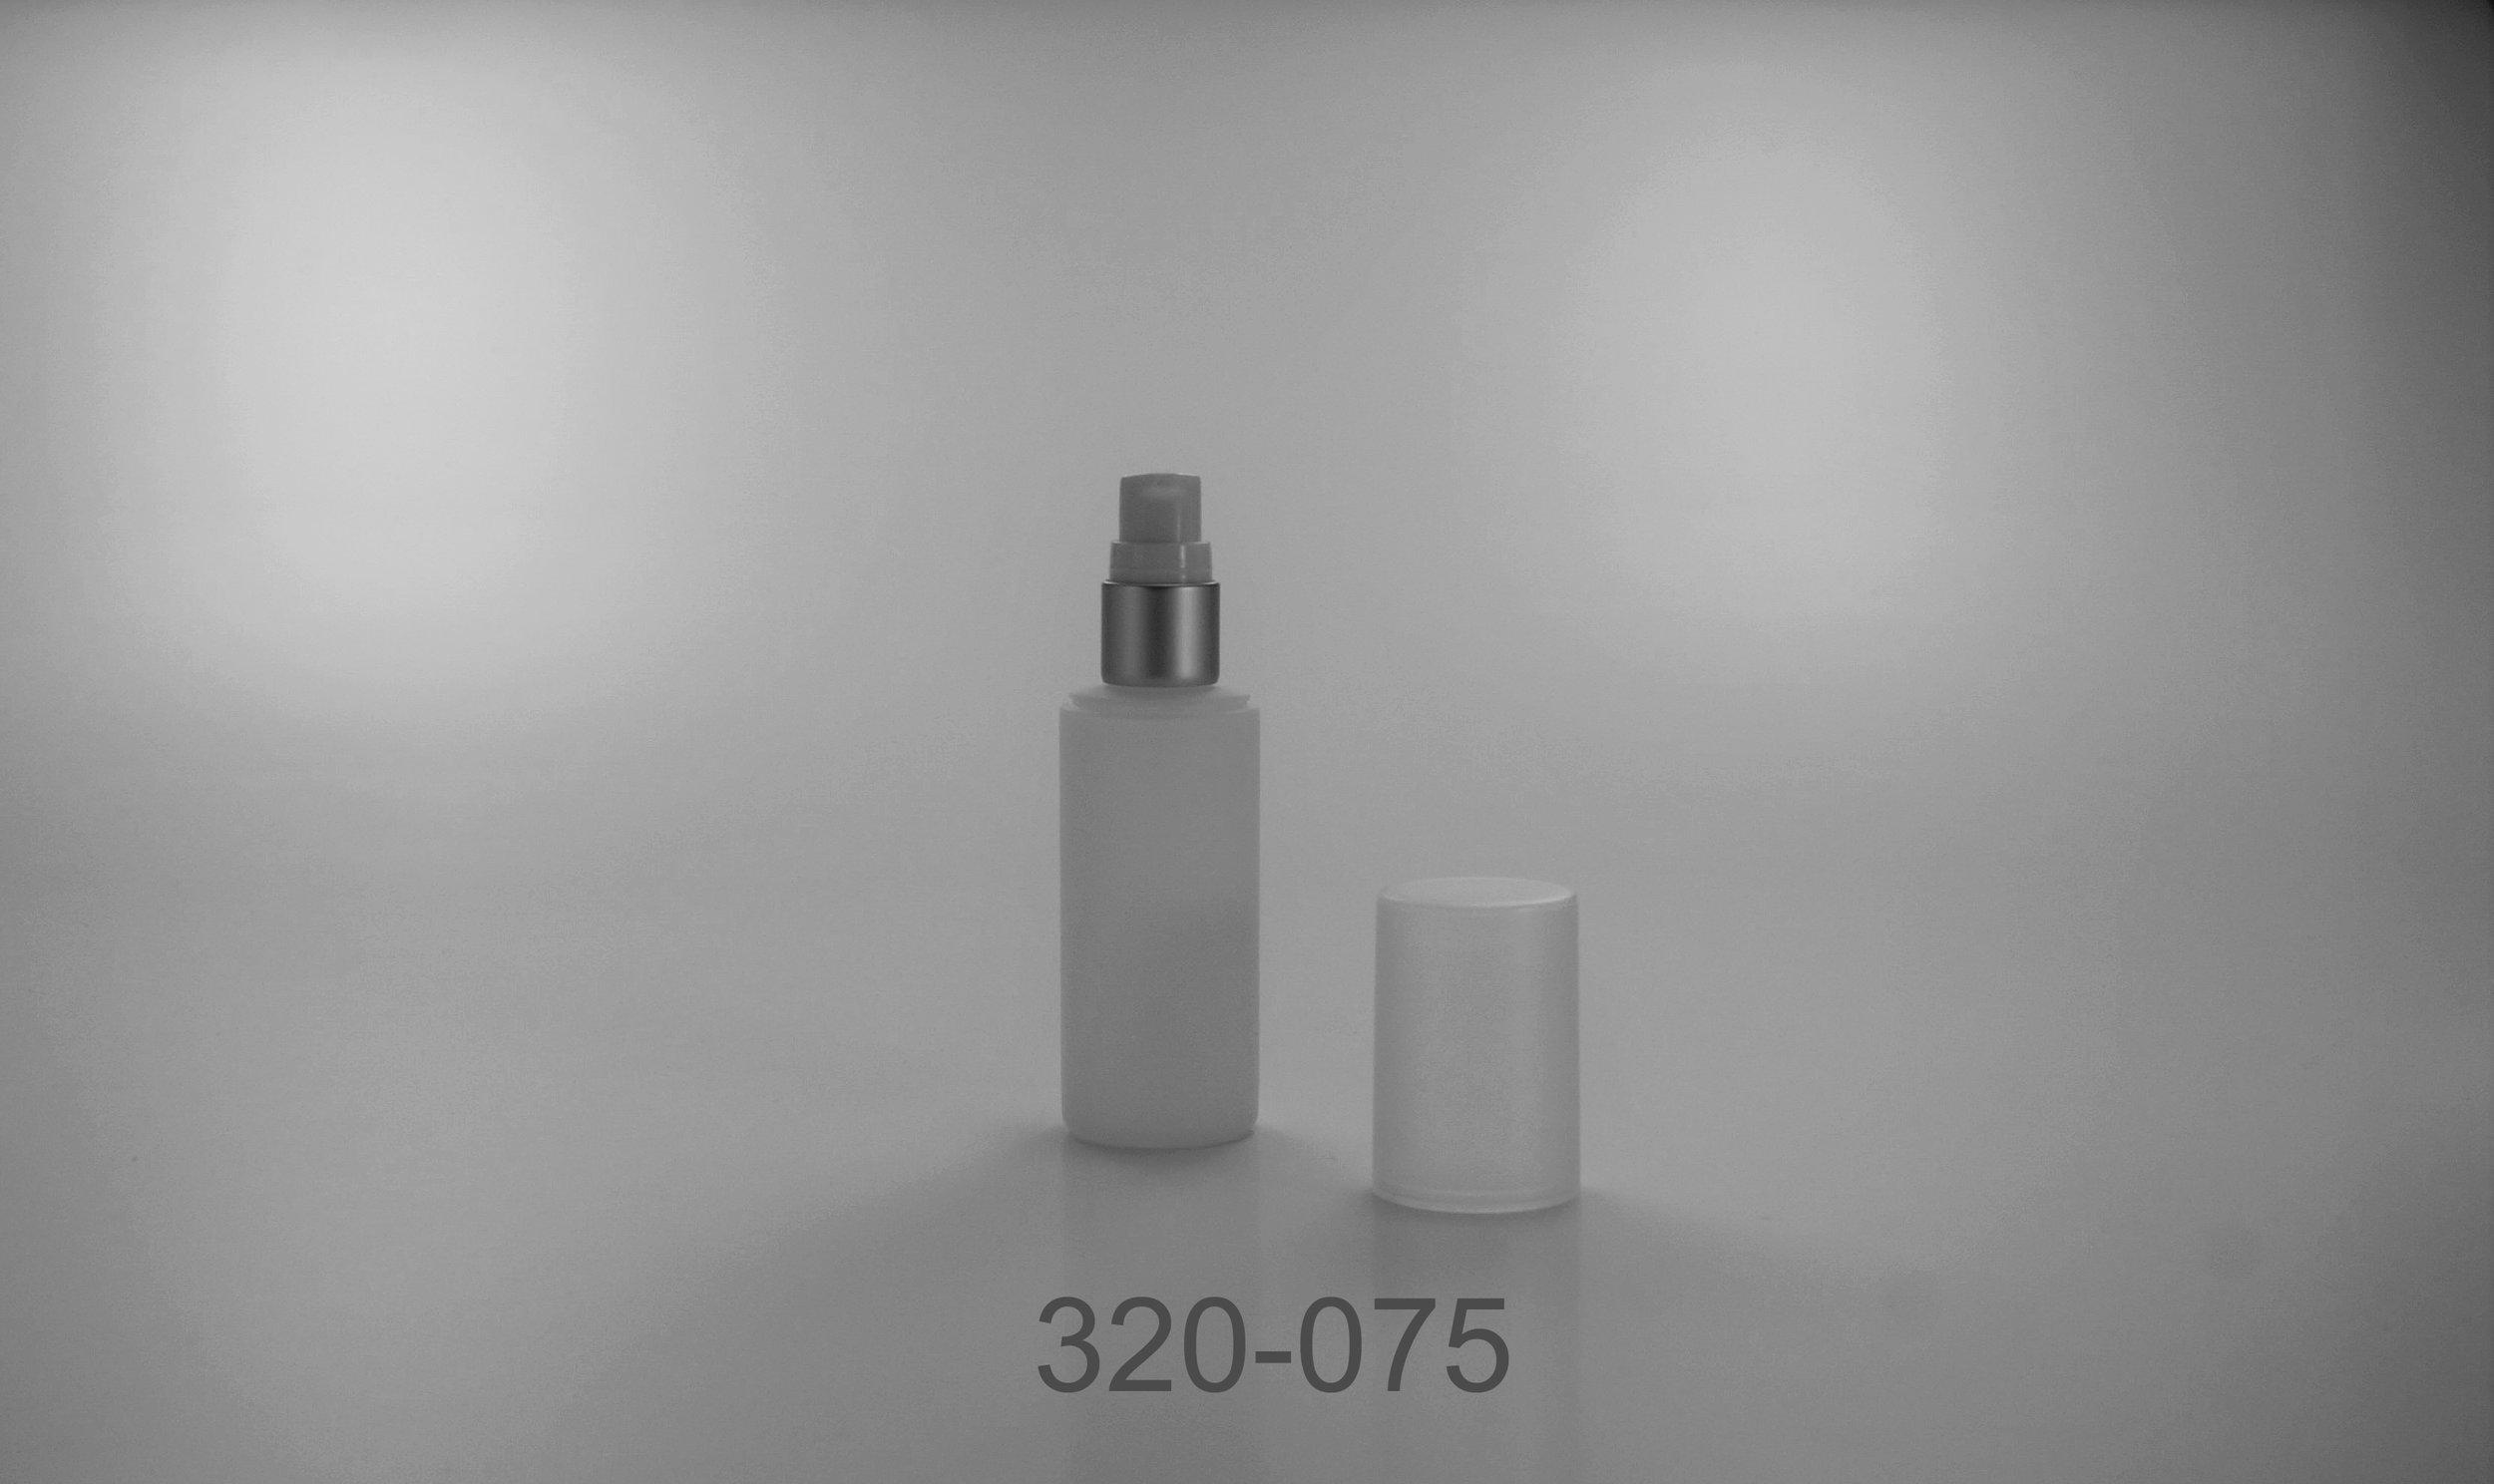 320-075.jpg